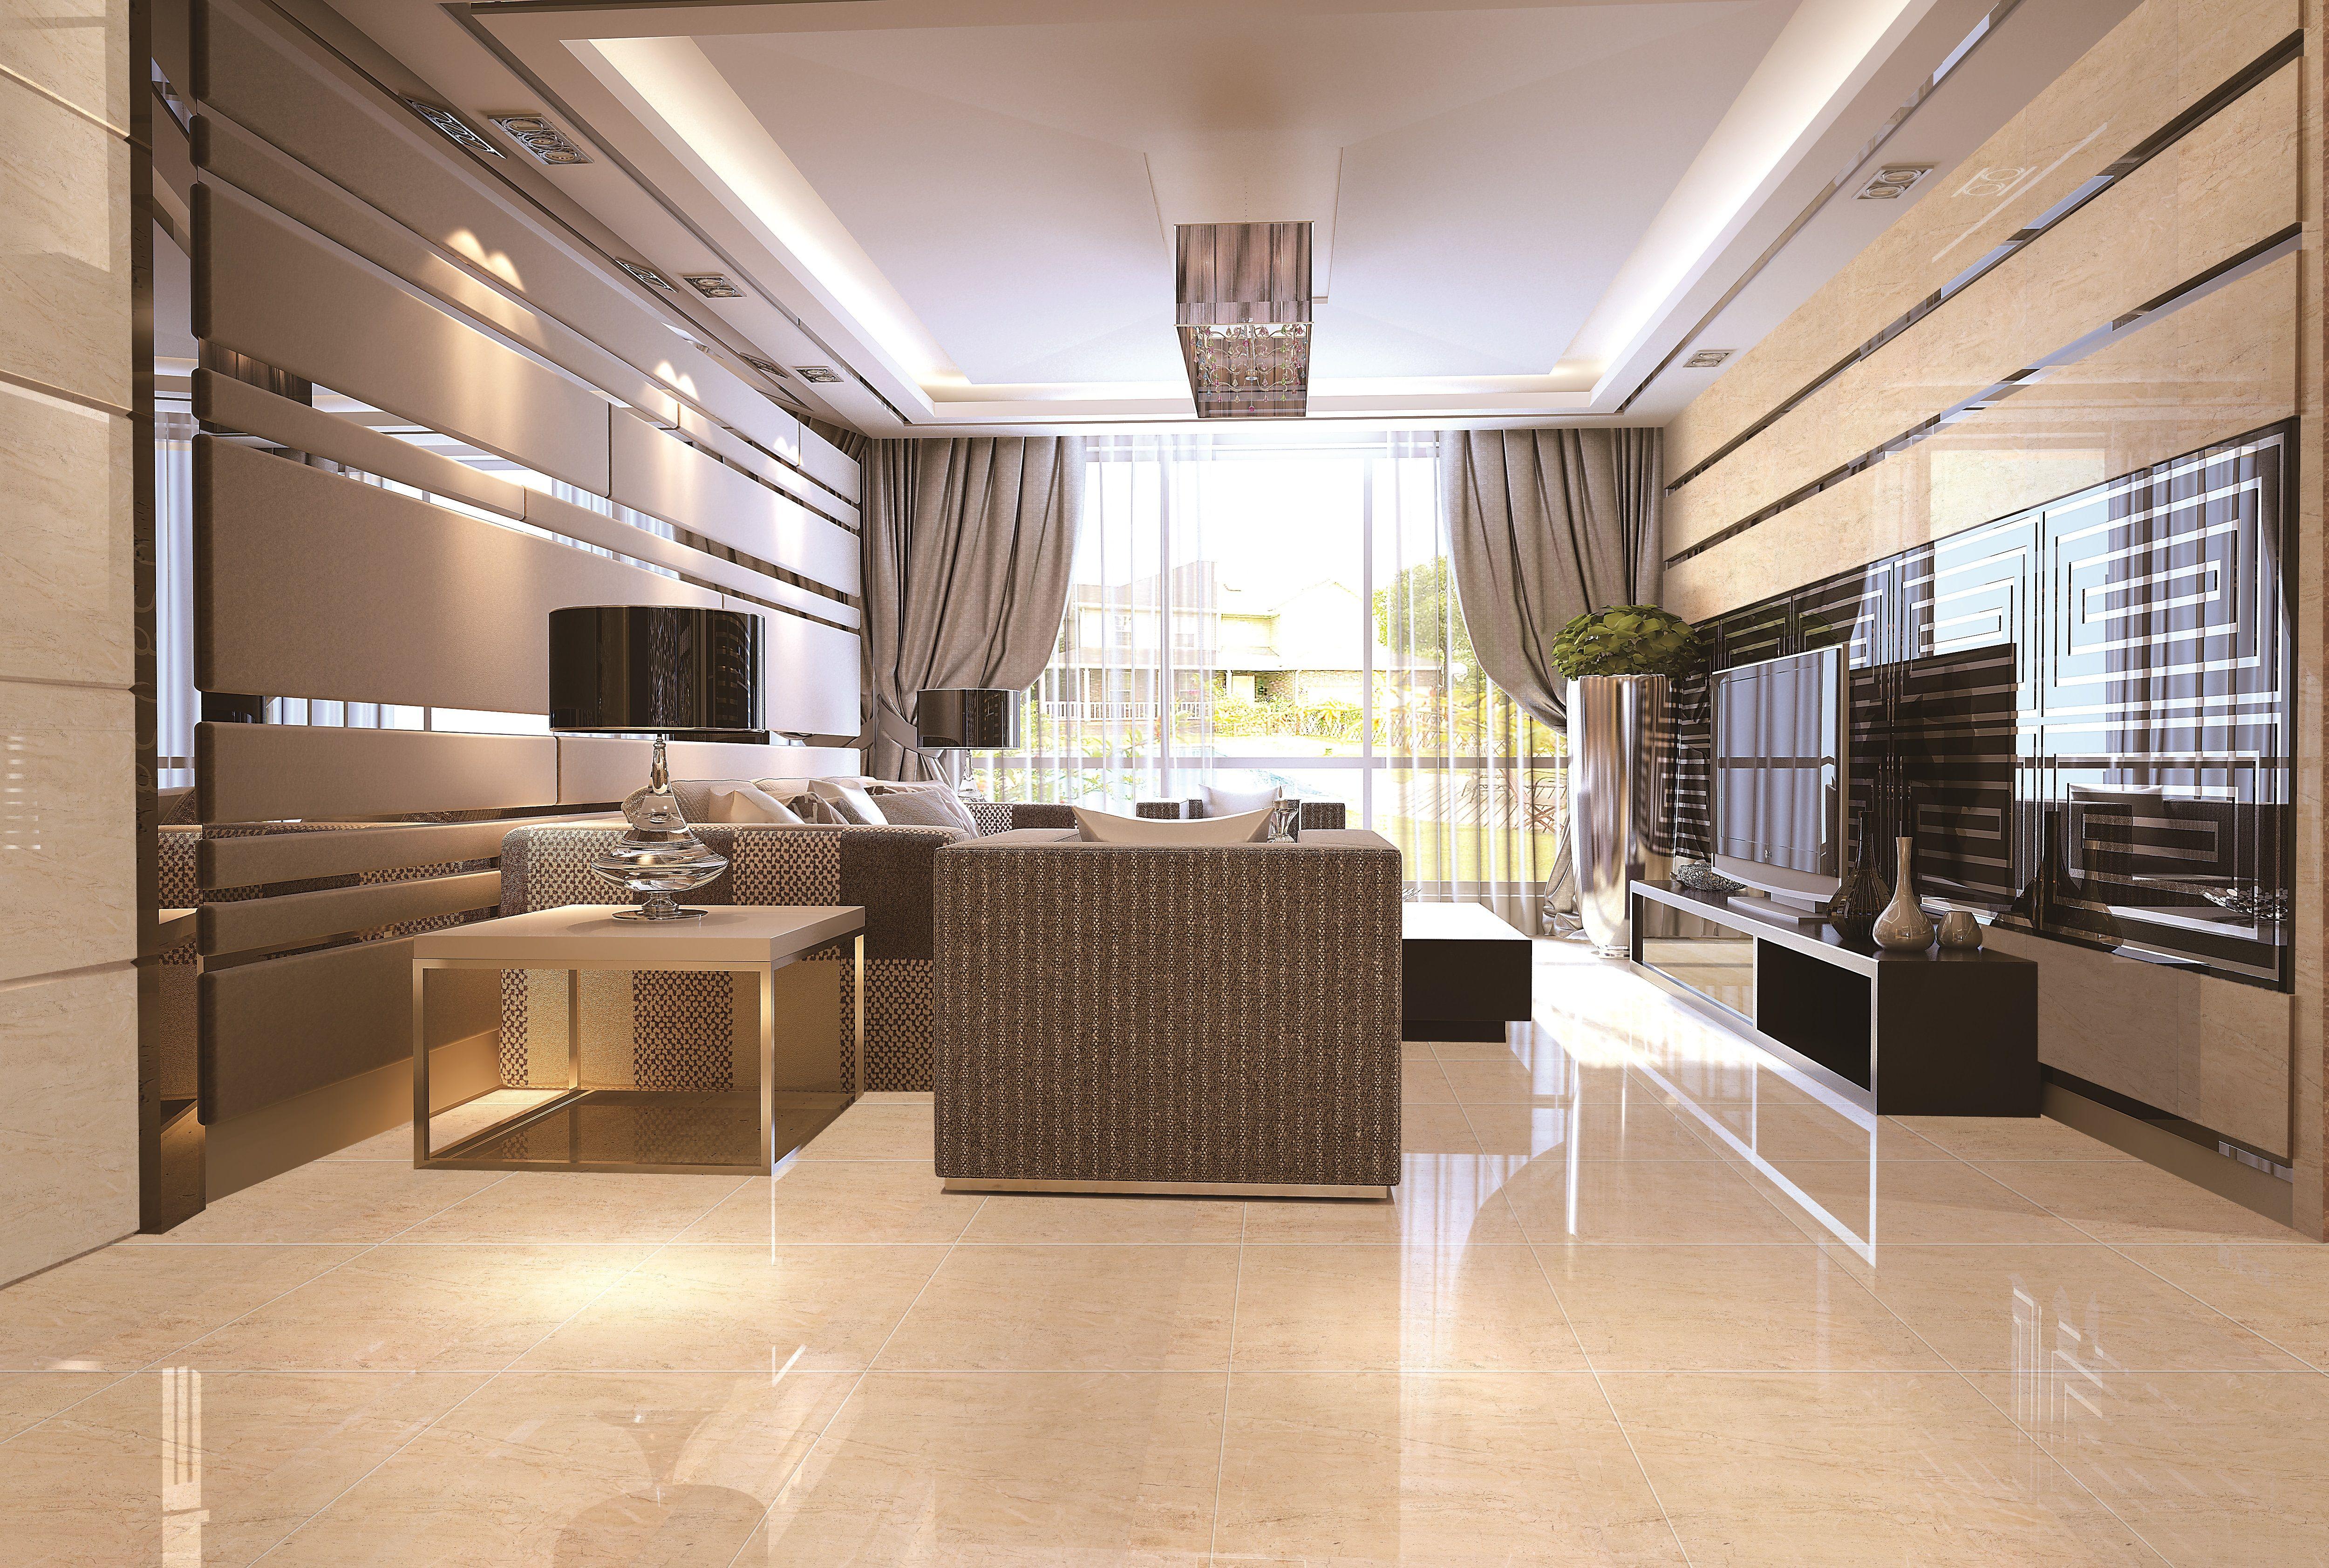 luxor polished porcelain tile floor decor polished porcelain tiles large format tile tile design